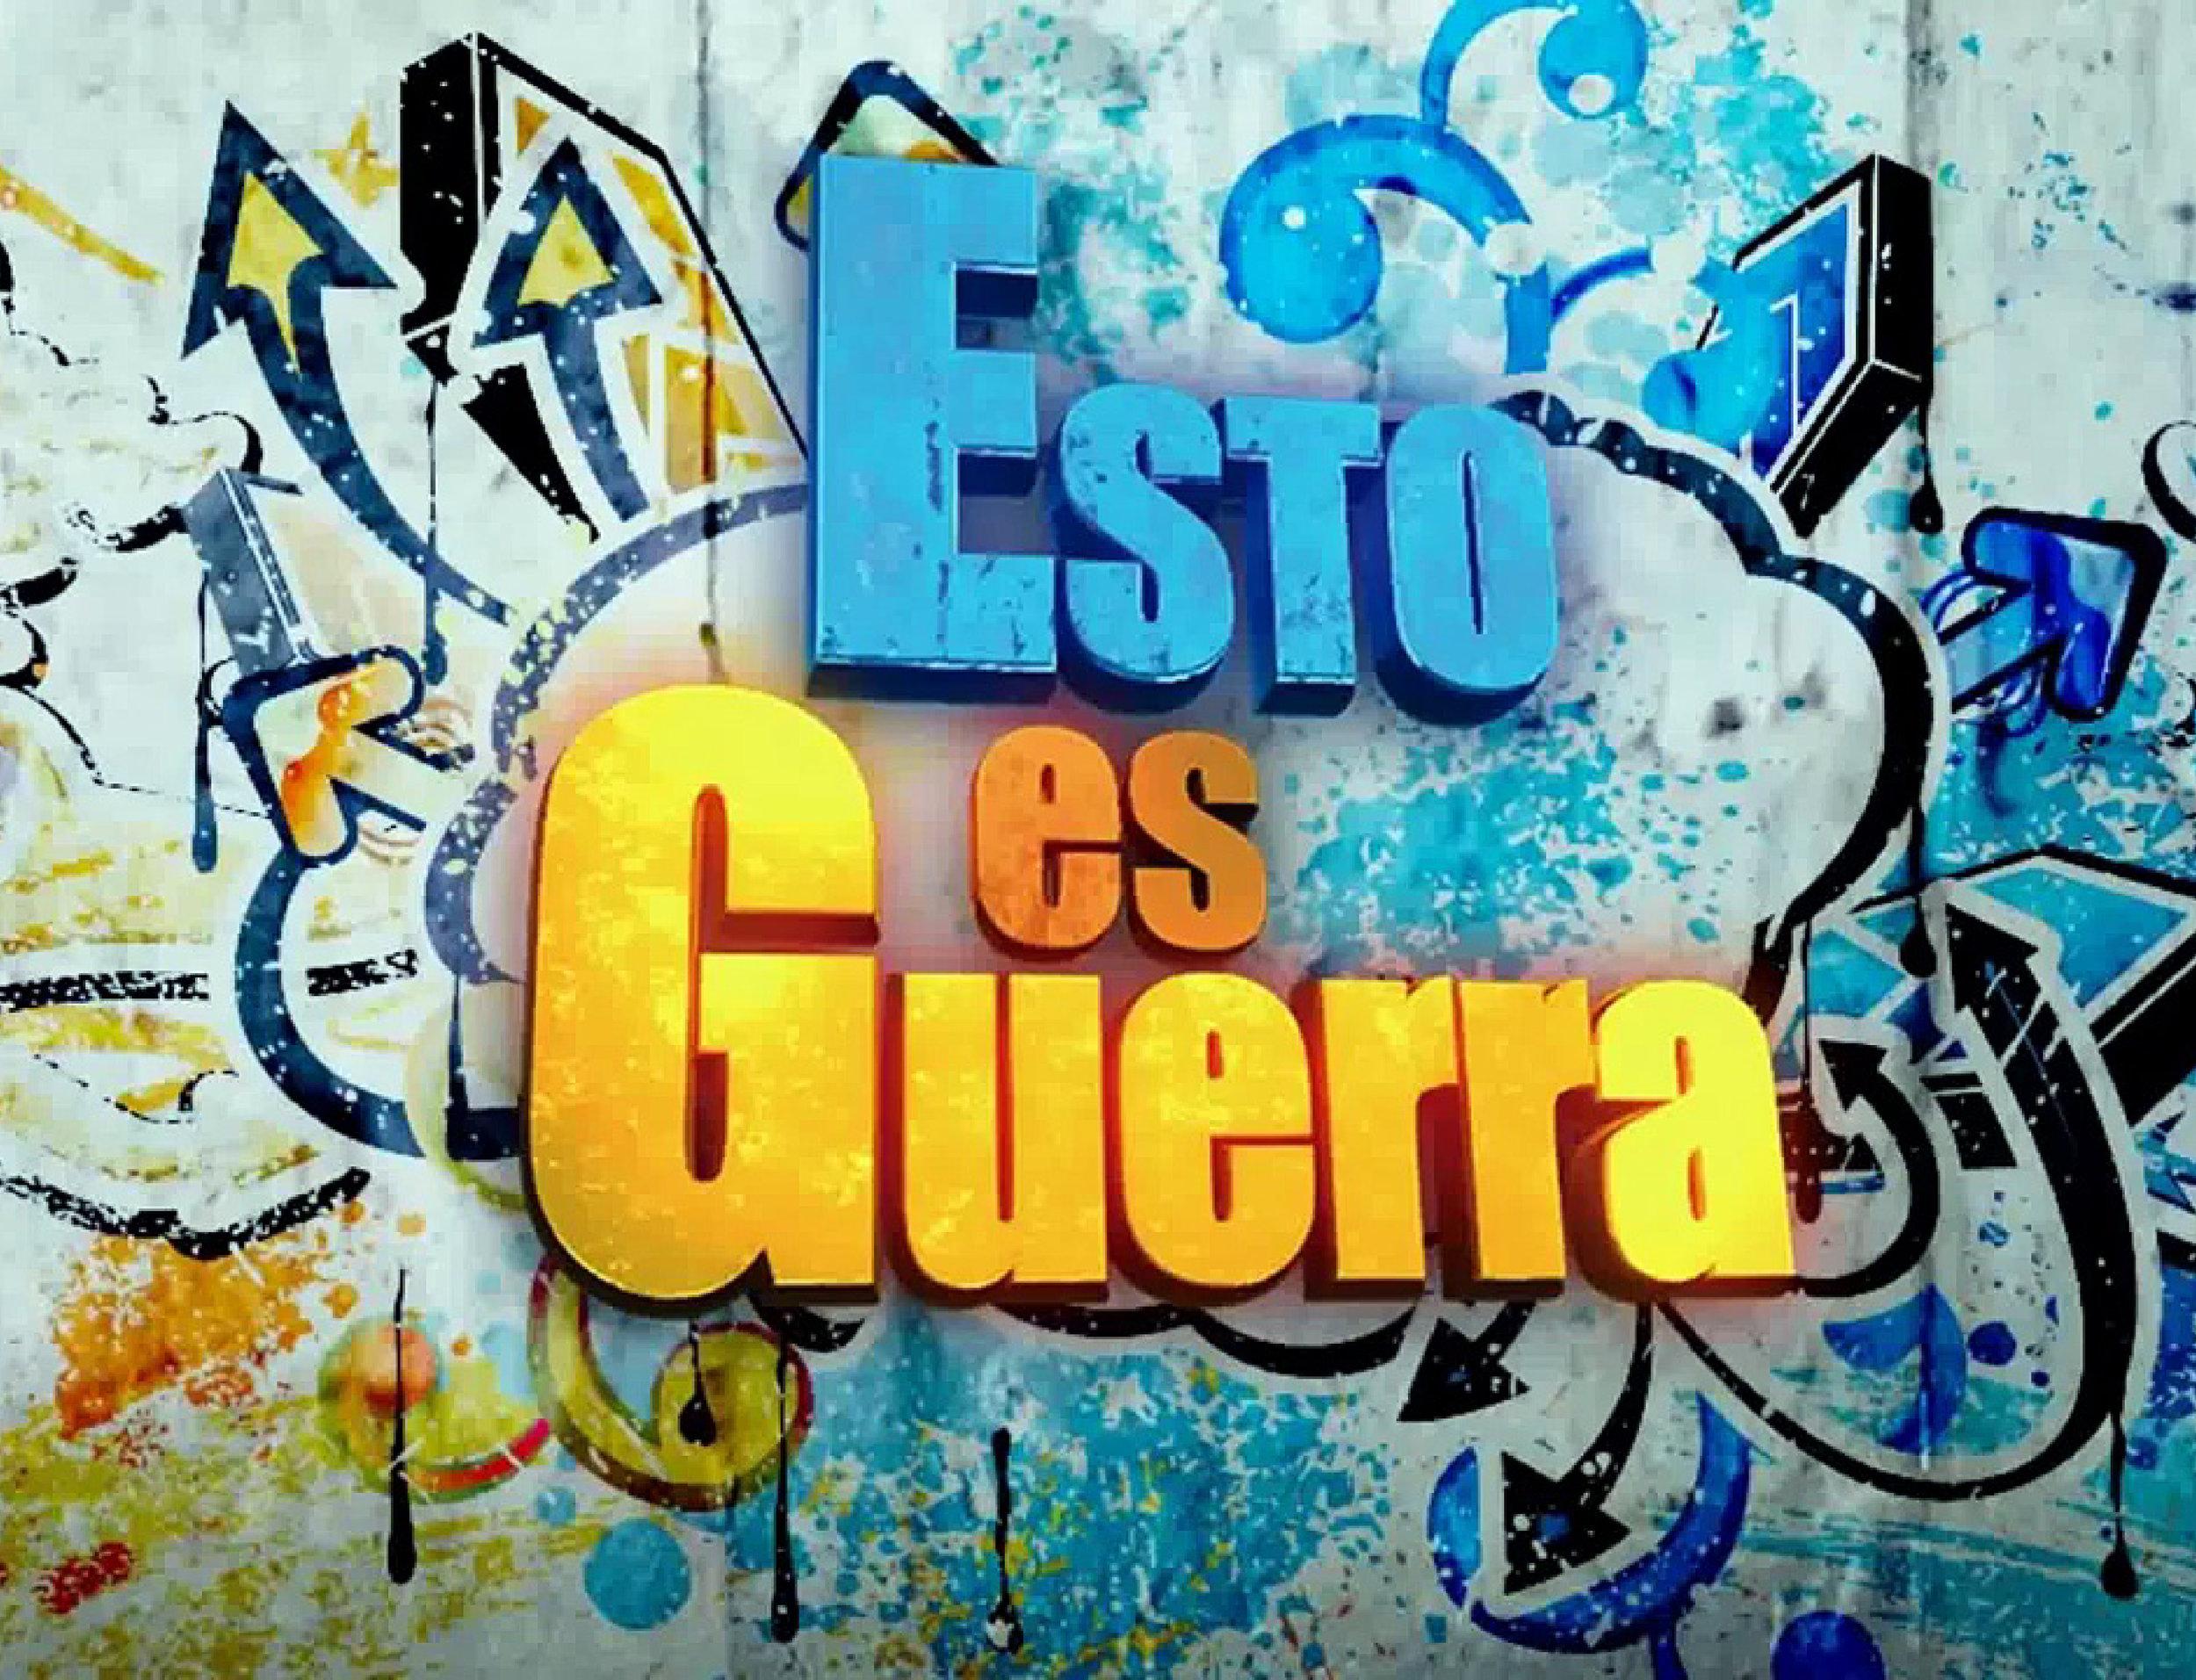 Esto_Es_Guerra-01.jpg